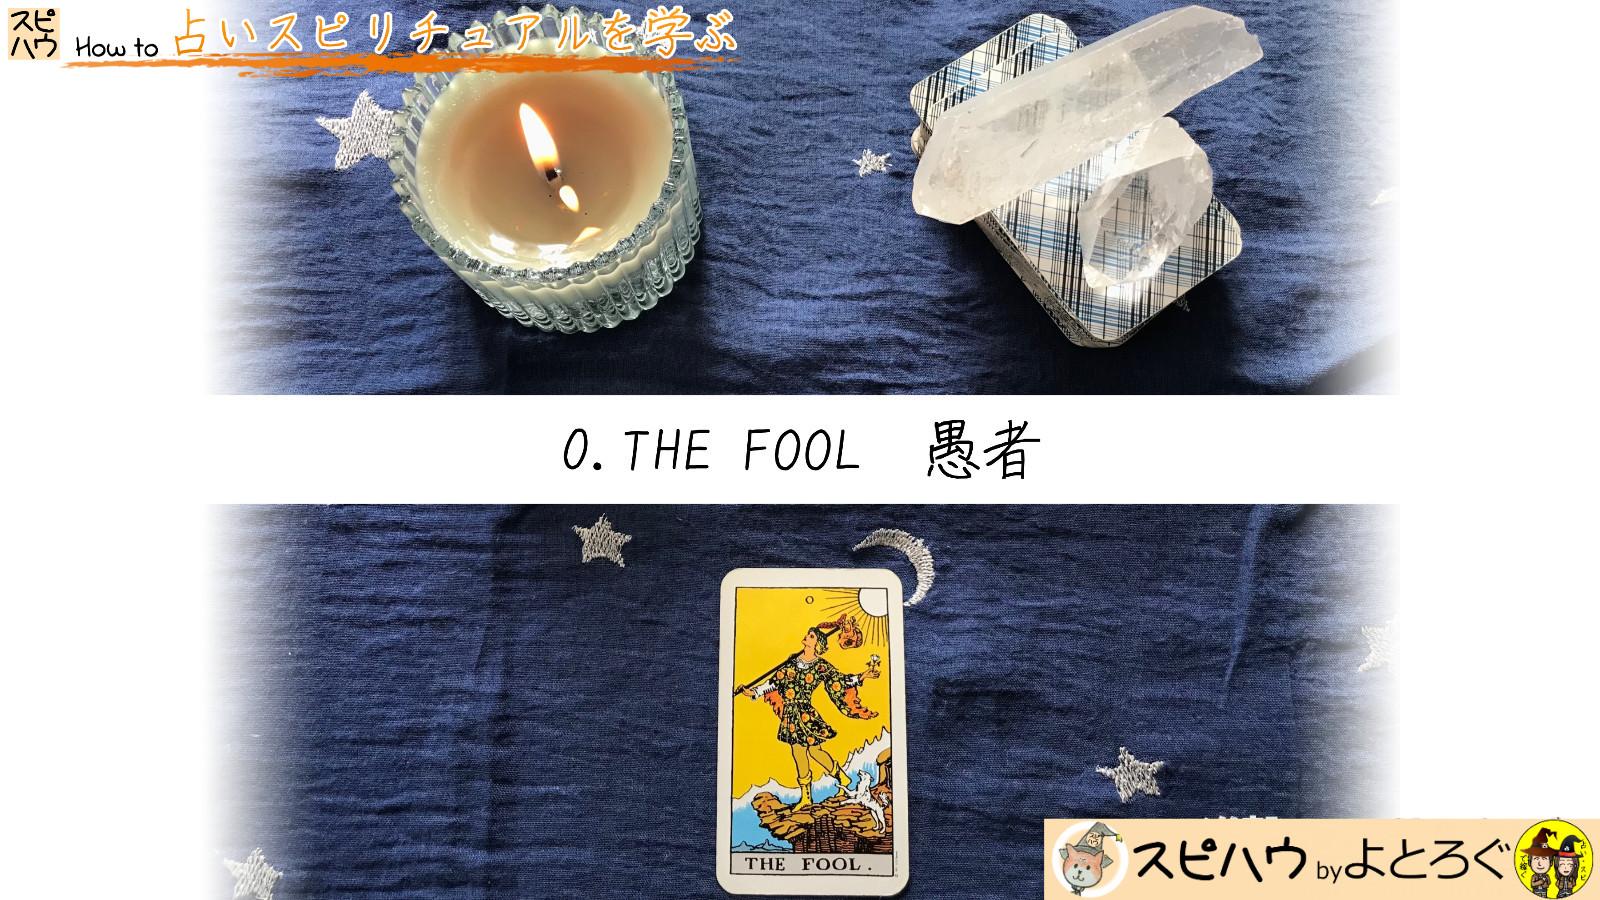 何も持ってない。だから最強! 0.THE FOOL(愚者)のカード画像